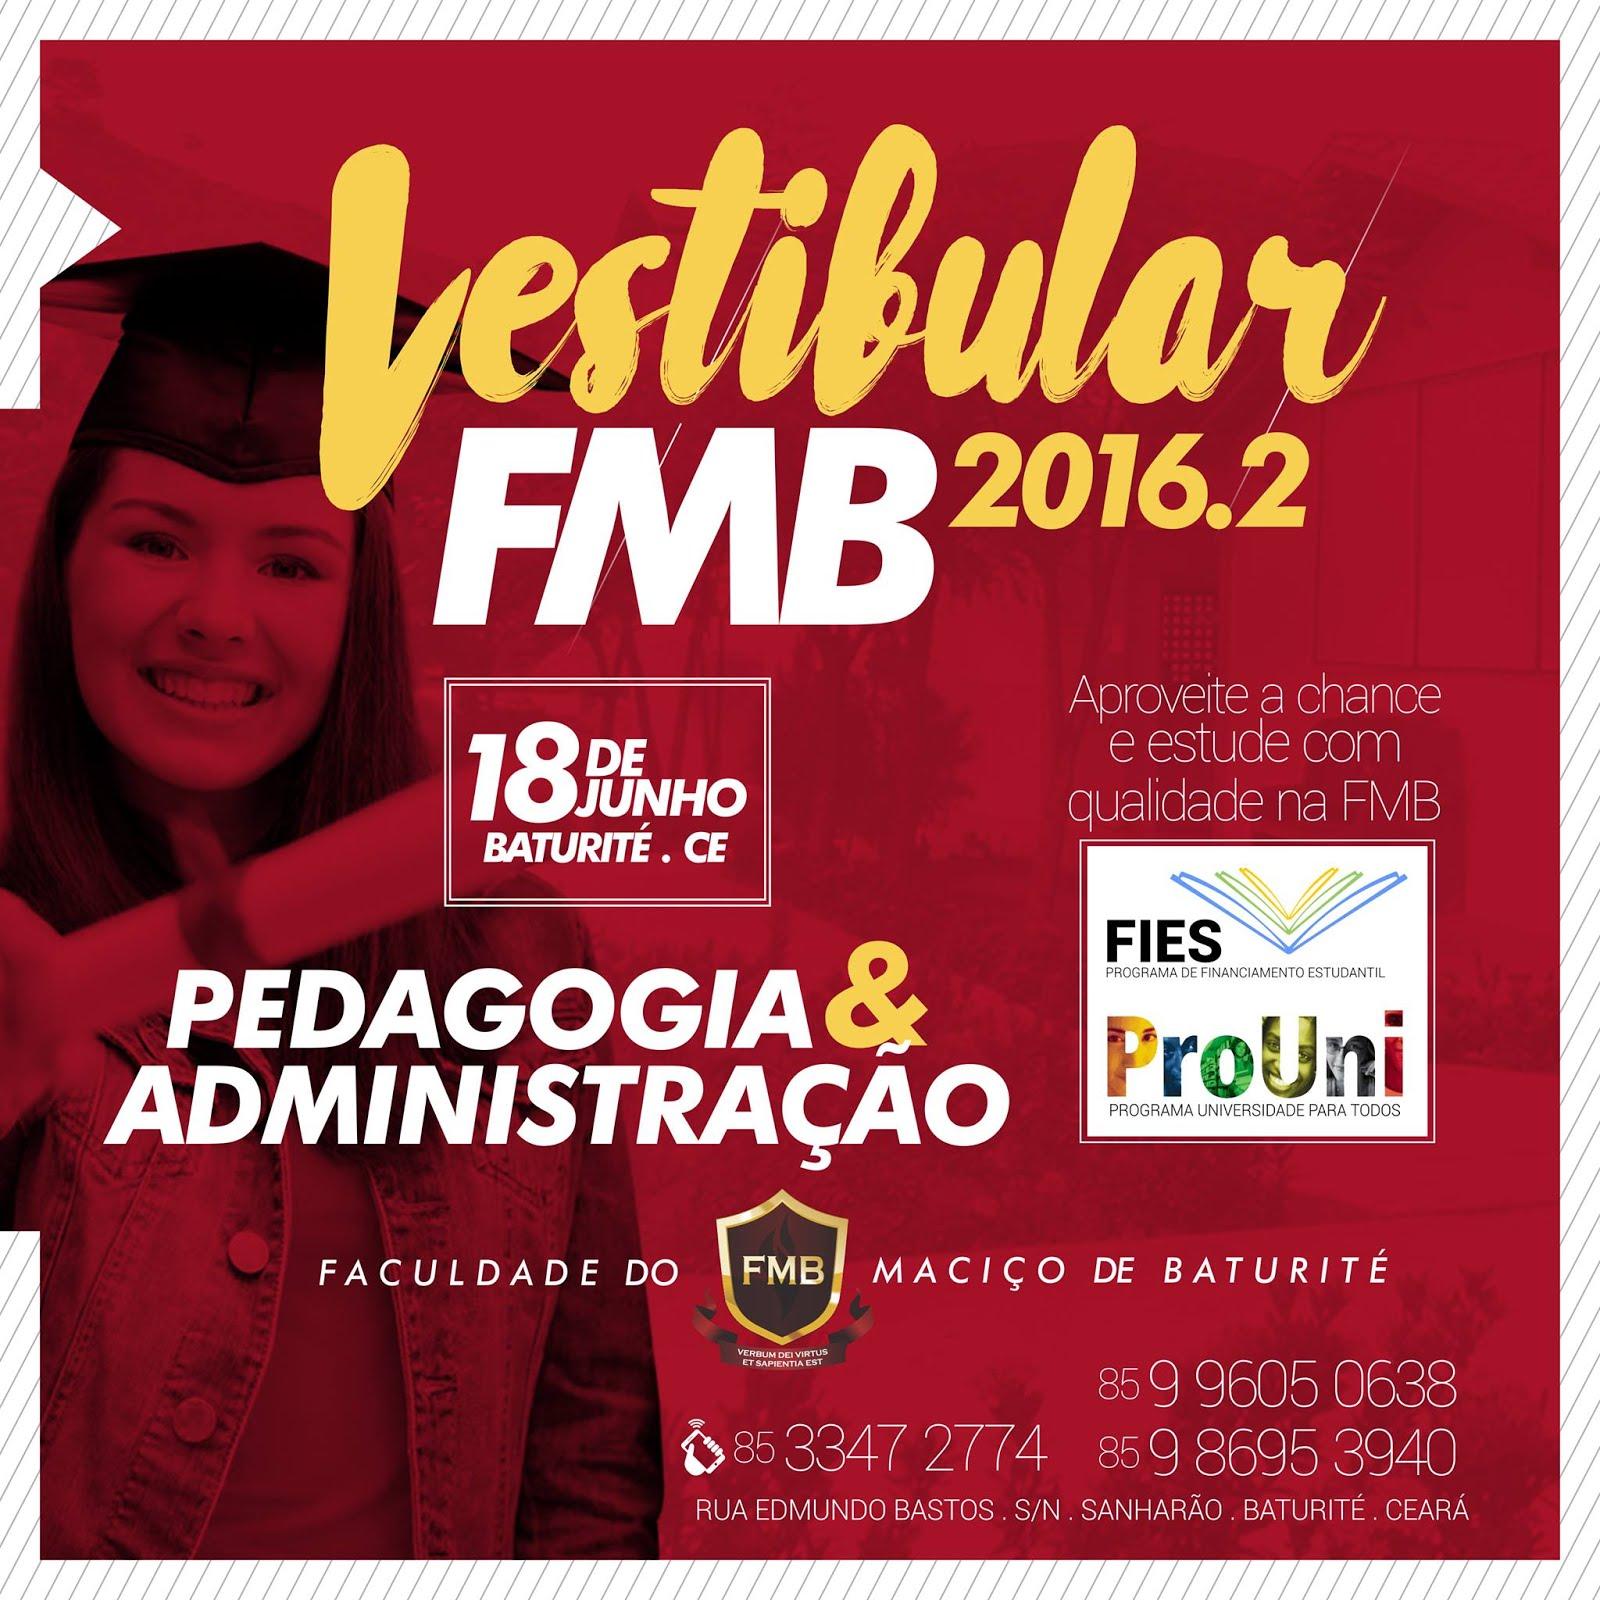 FMB - VESTIBULAR 2016.2